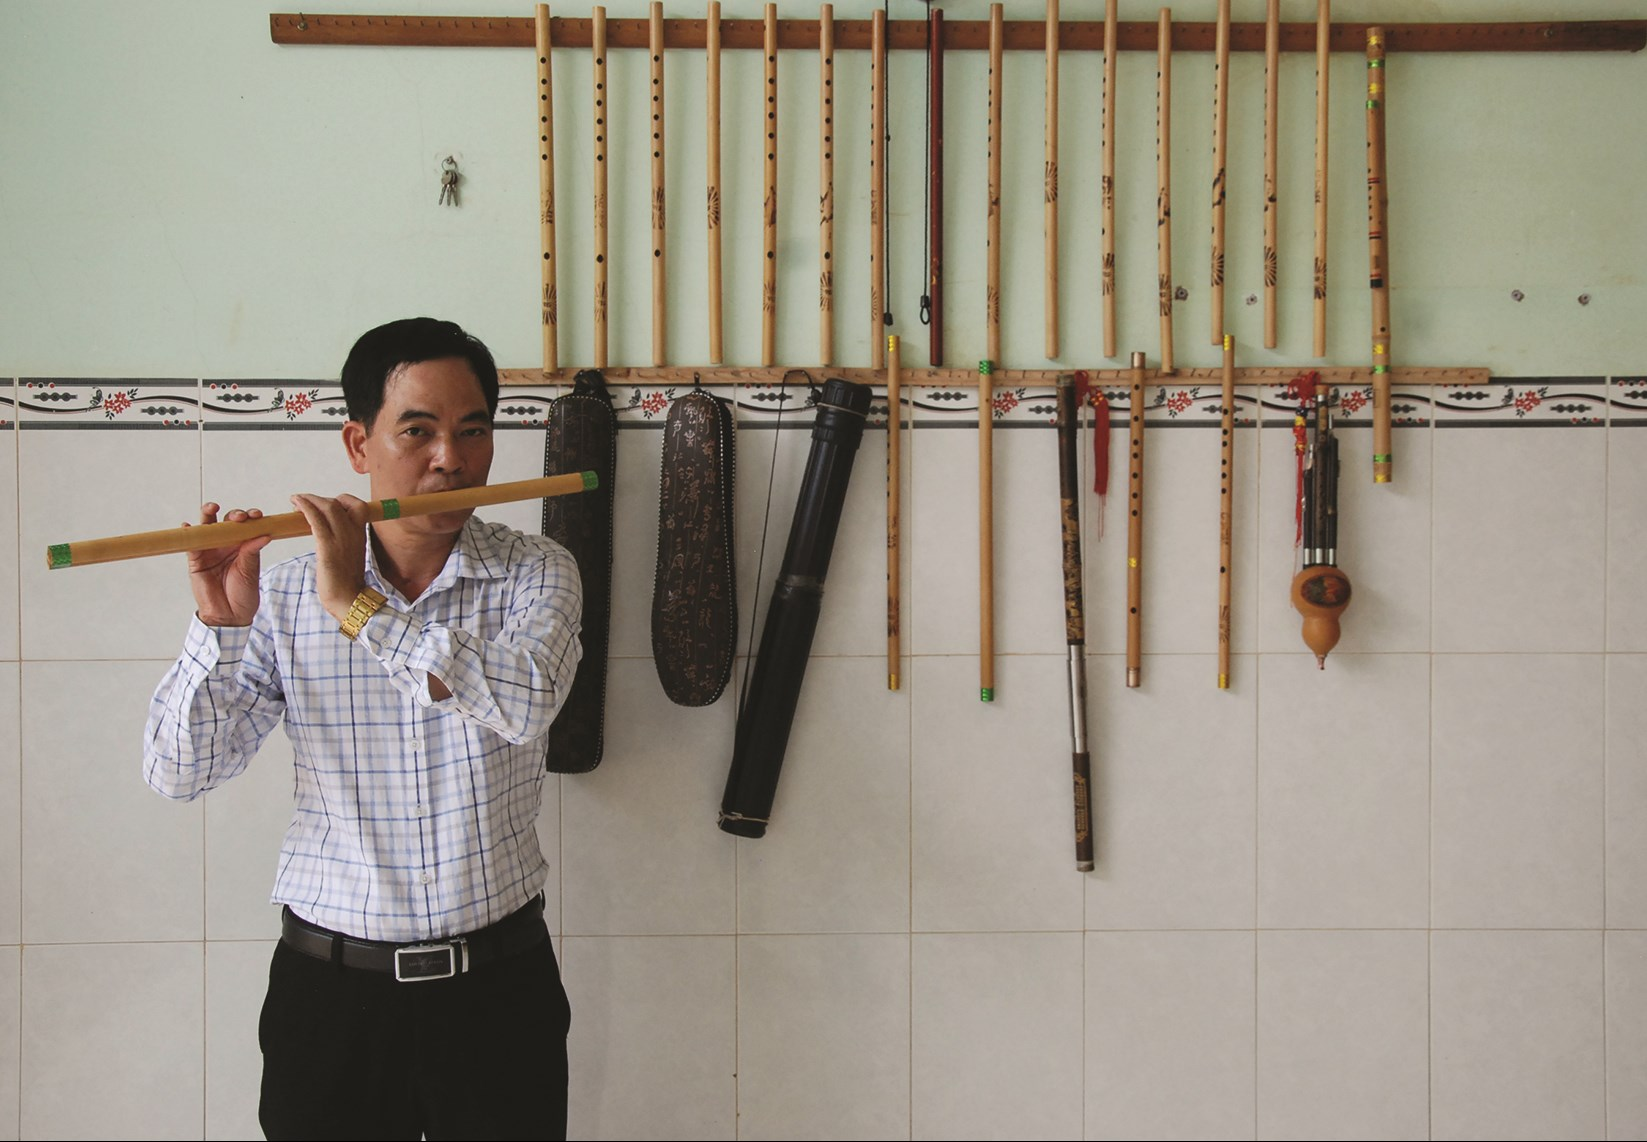 Anh Trần Hồng Cảnh với cây sáo dân tộc trưng bày trong gia đình anh